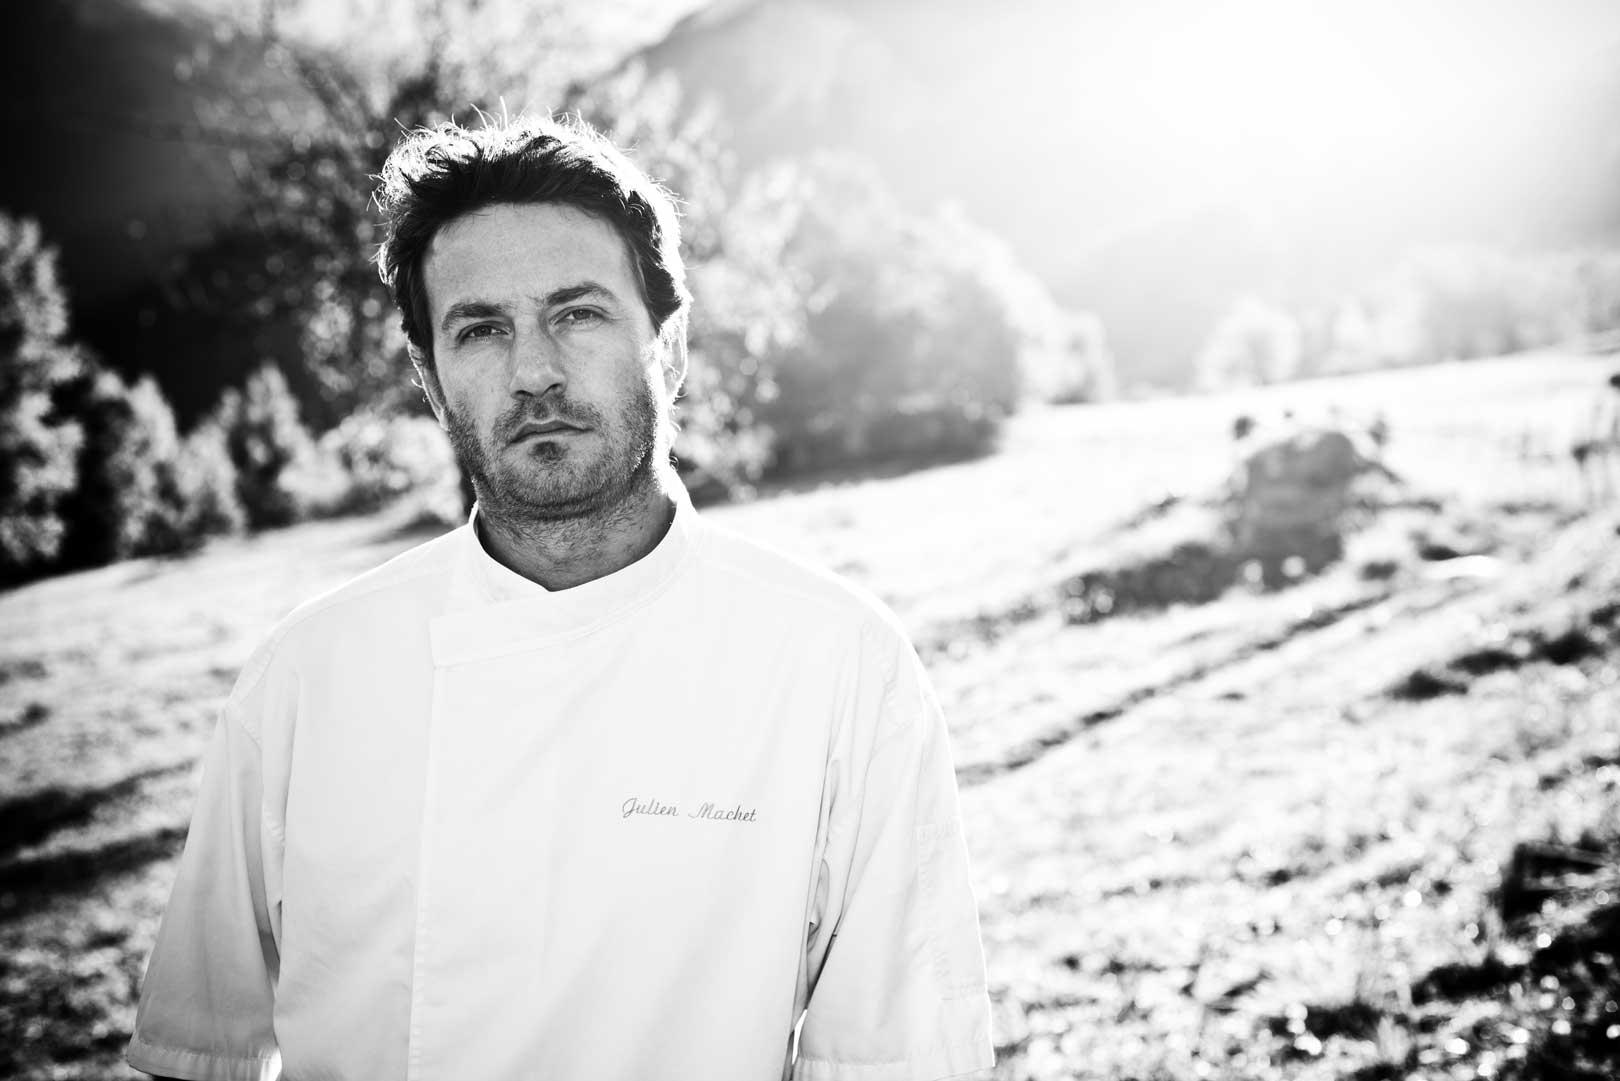 Chef Julien Machet